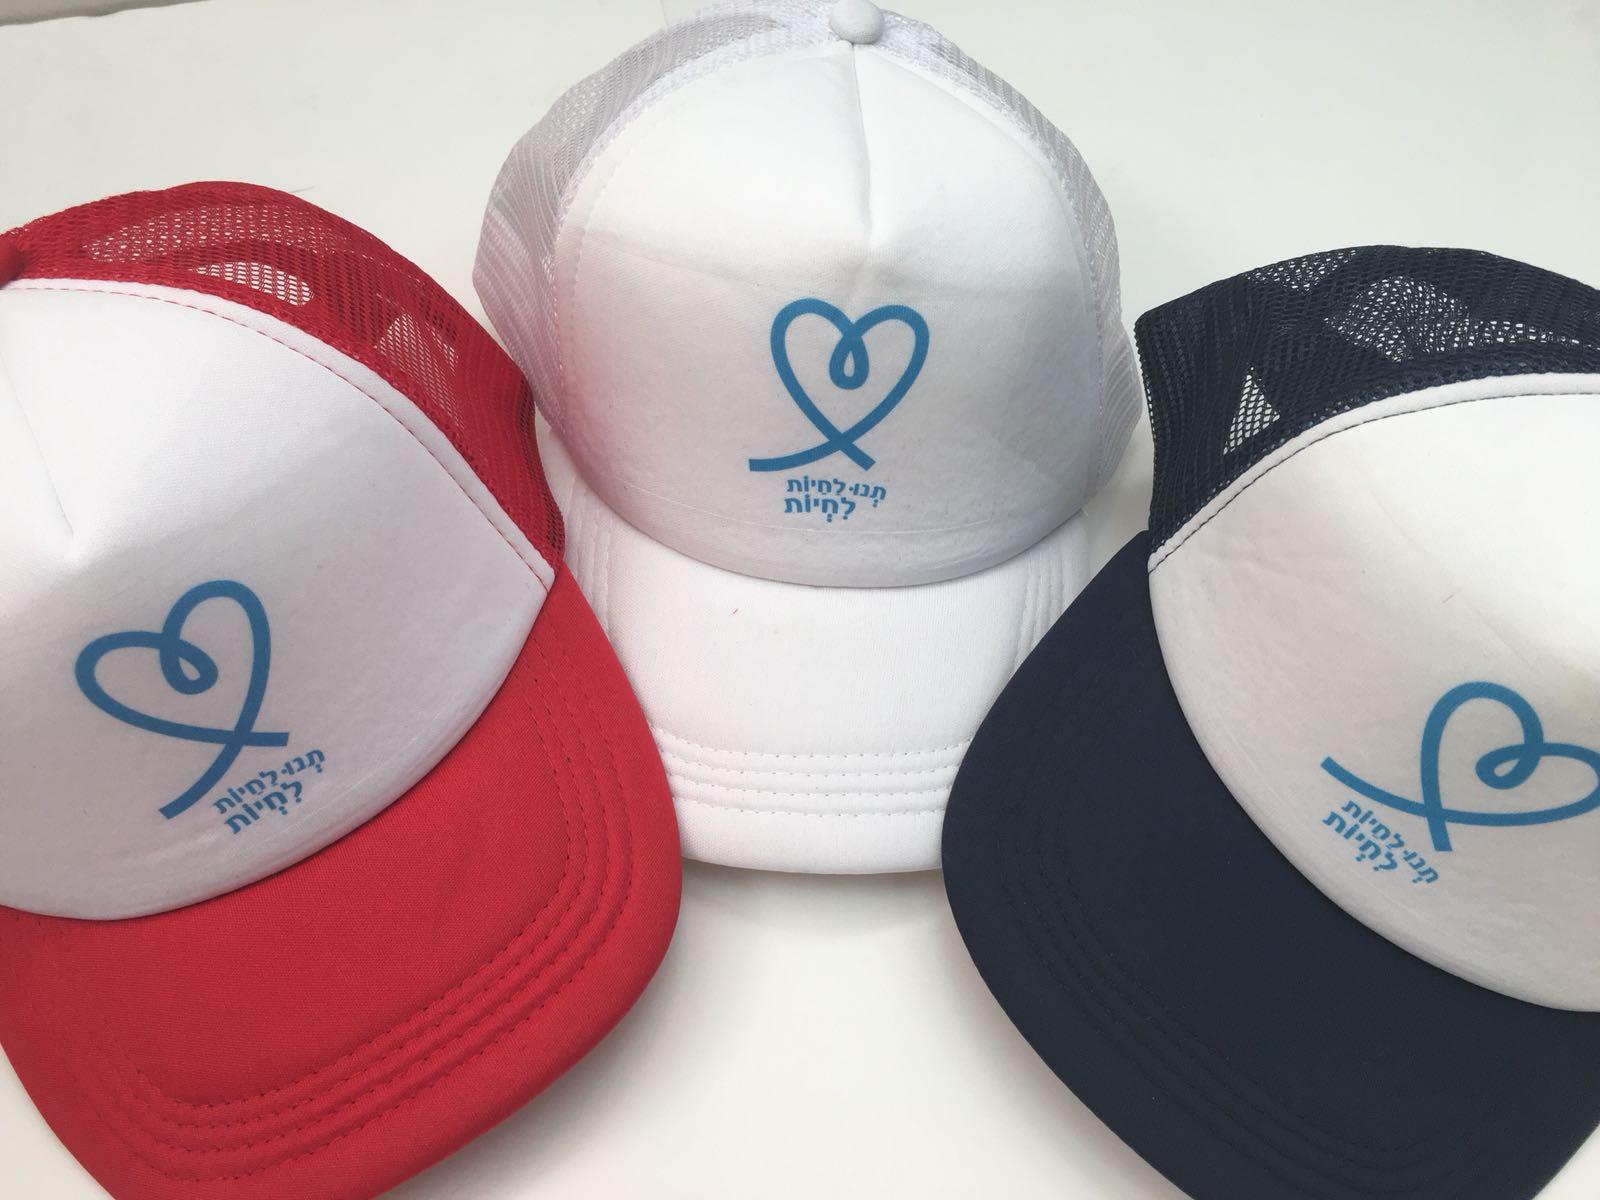 כובע תנו לחיות לחיות